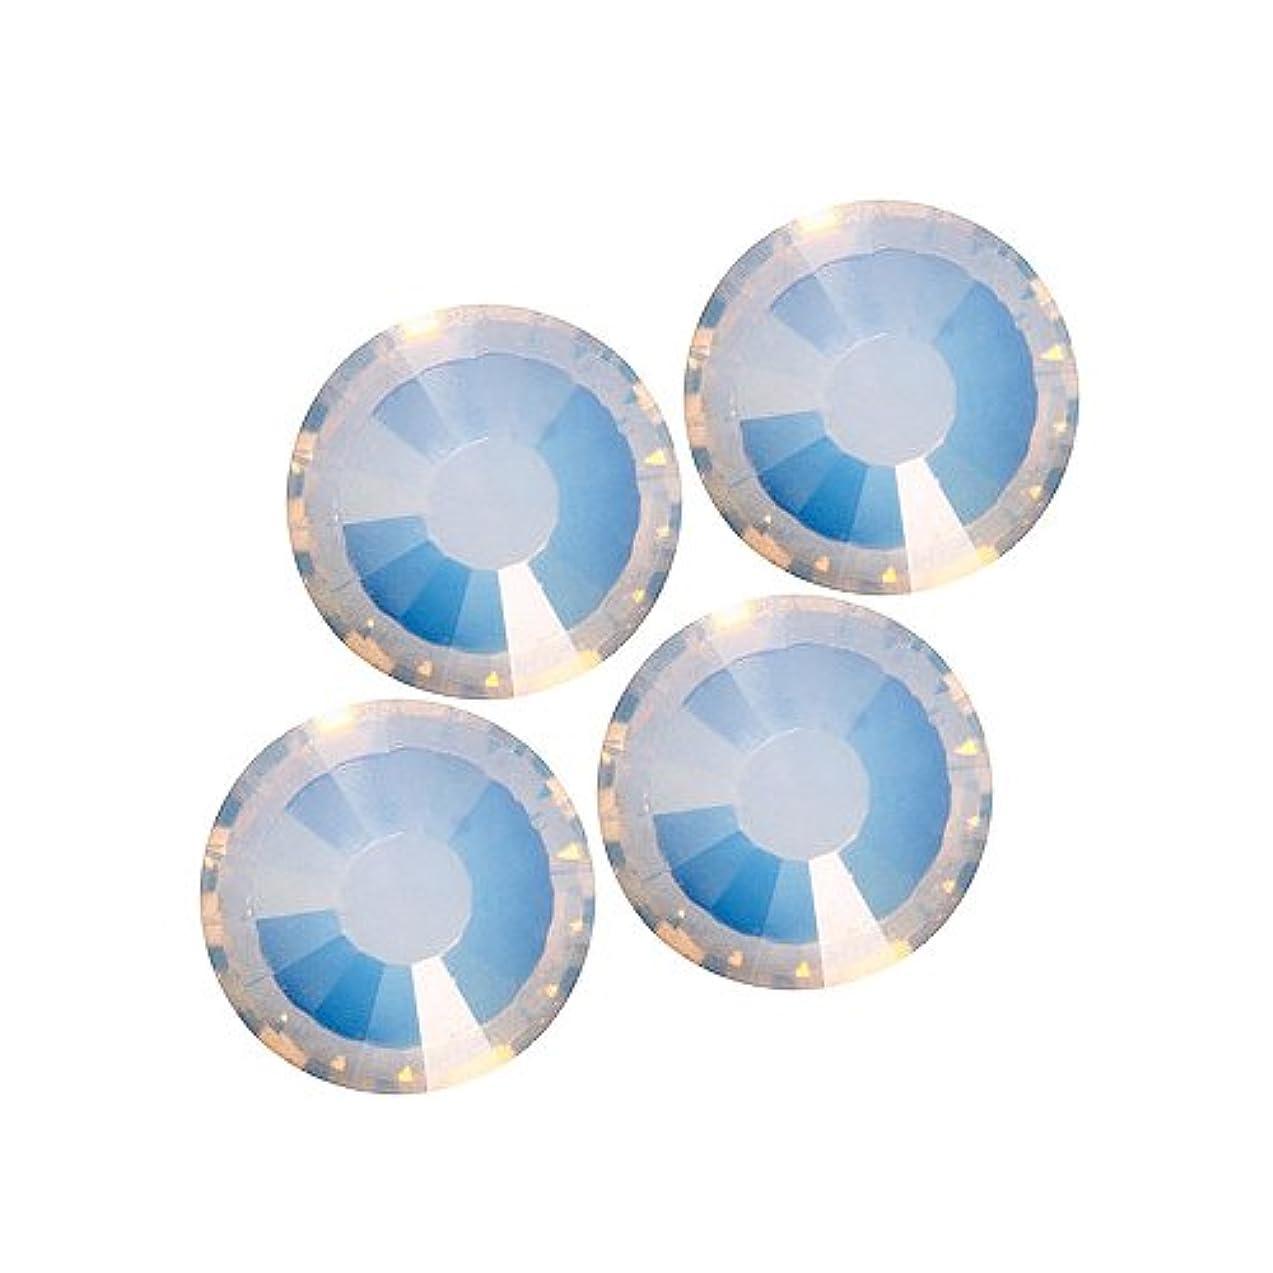 シネウィ保有者他のバンドでバイナル DIAMOND RHINESTONE ホワイトオパールSS8 1440粒 ST-SS8-WHO-10G